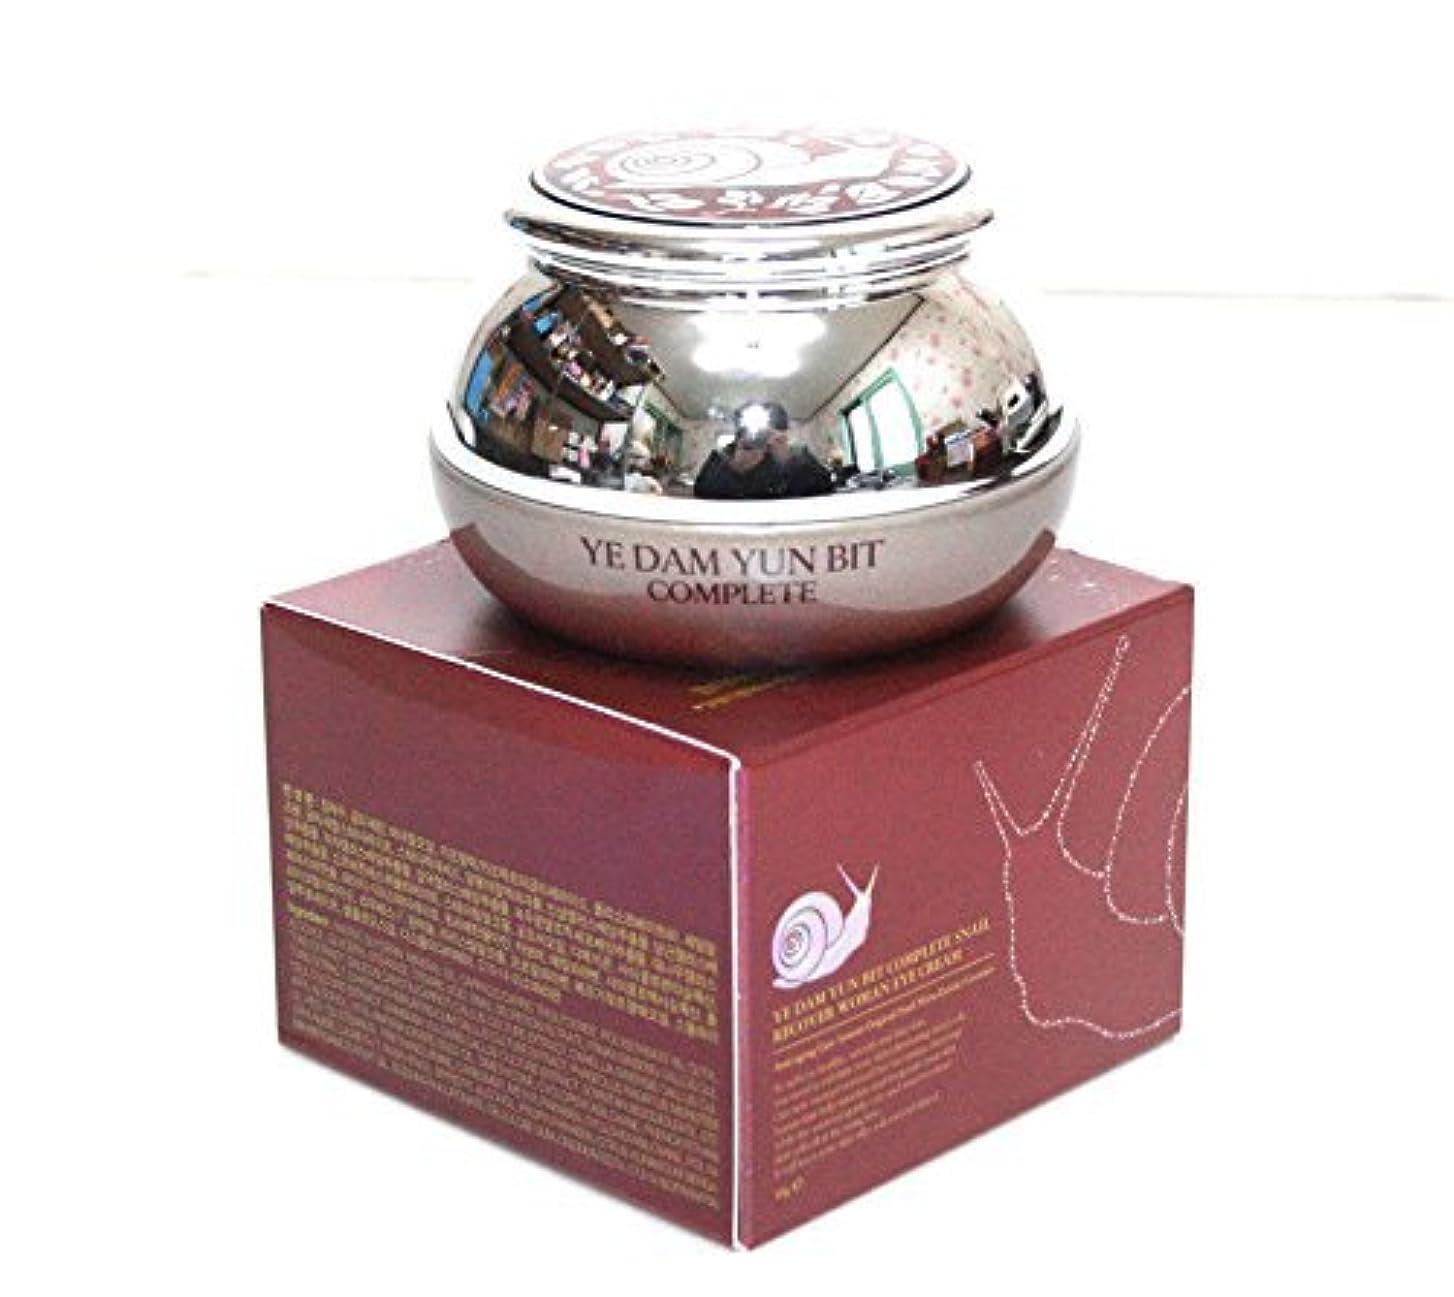 木曜日叫ぶ下向き[YEDAM YUN BIT] スキンが完成カタツムリ回復女性のアイクリーム50ml/韓国の化粧品/COMPLETE Skin Snail Recover Woman Eye Cream 50ml/Korean cosmetics...